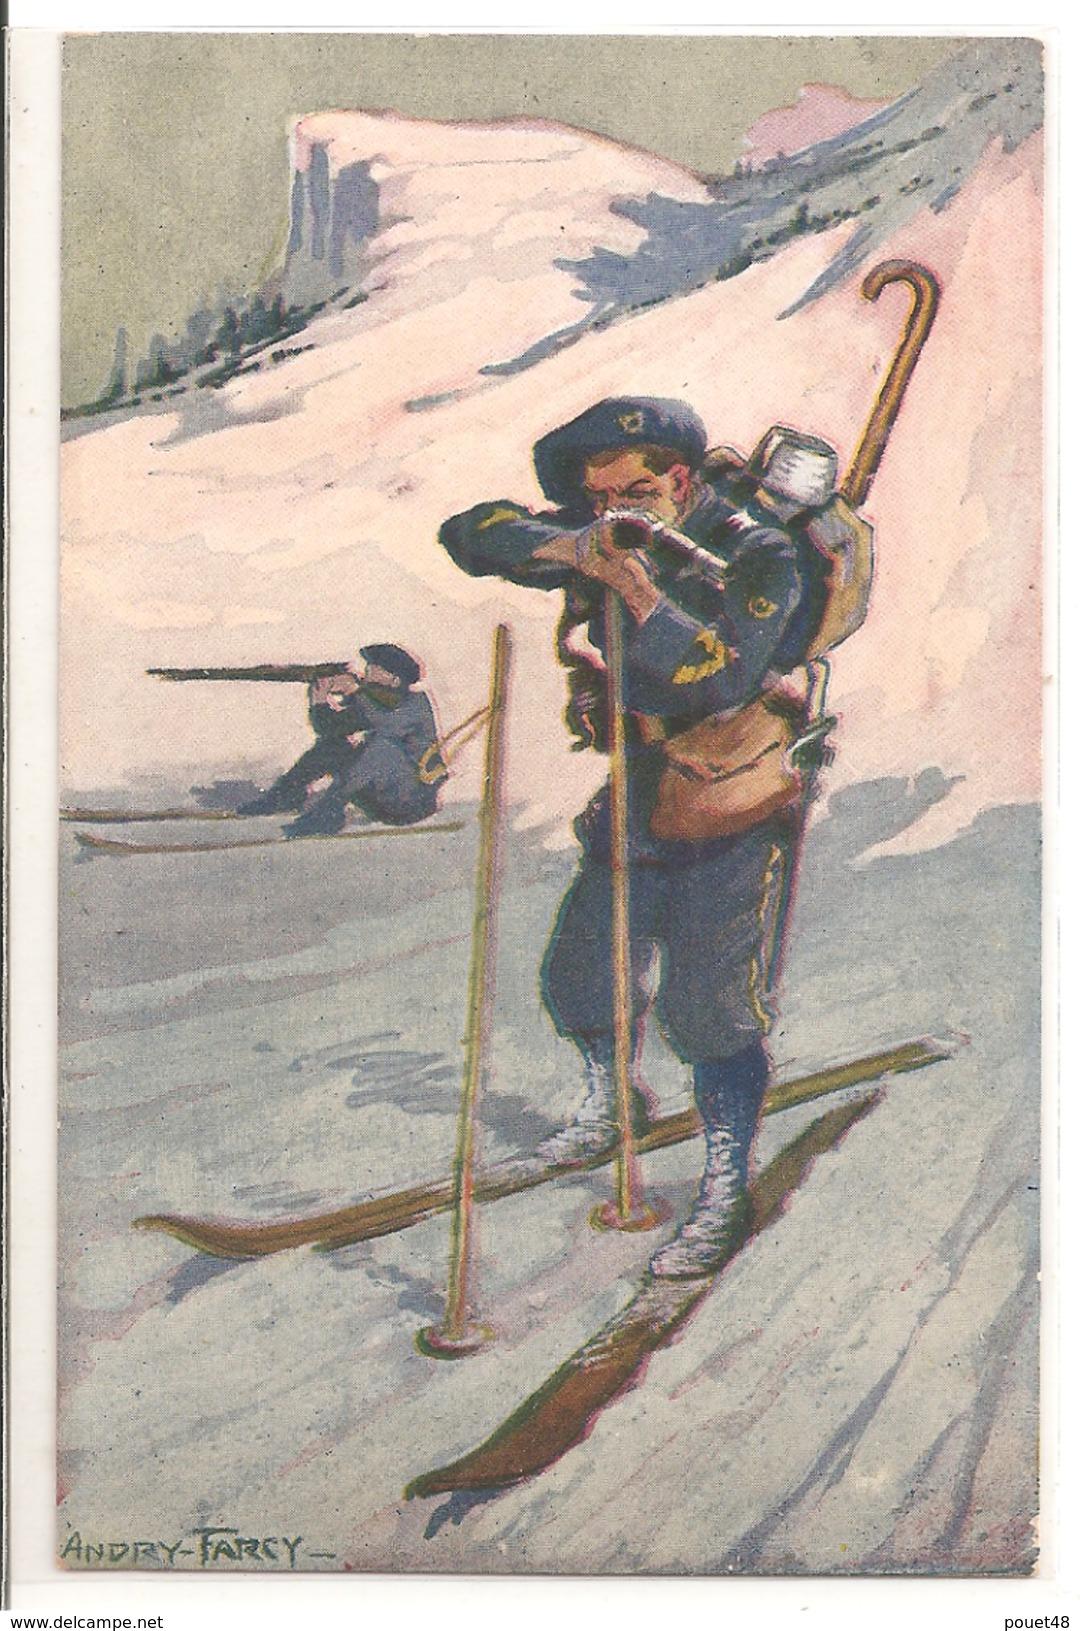 38 - GRENOBLE - Carte Officielle Du Concours De Tir, Juin 1911 - De ANDRAY FARCY. - Grenoble